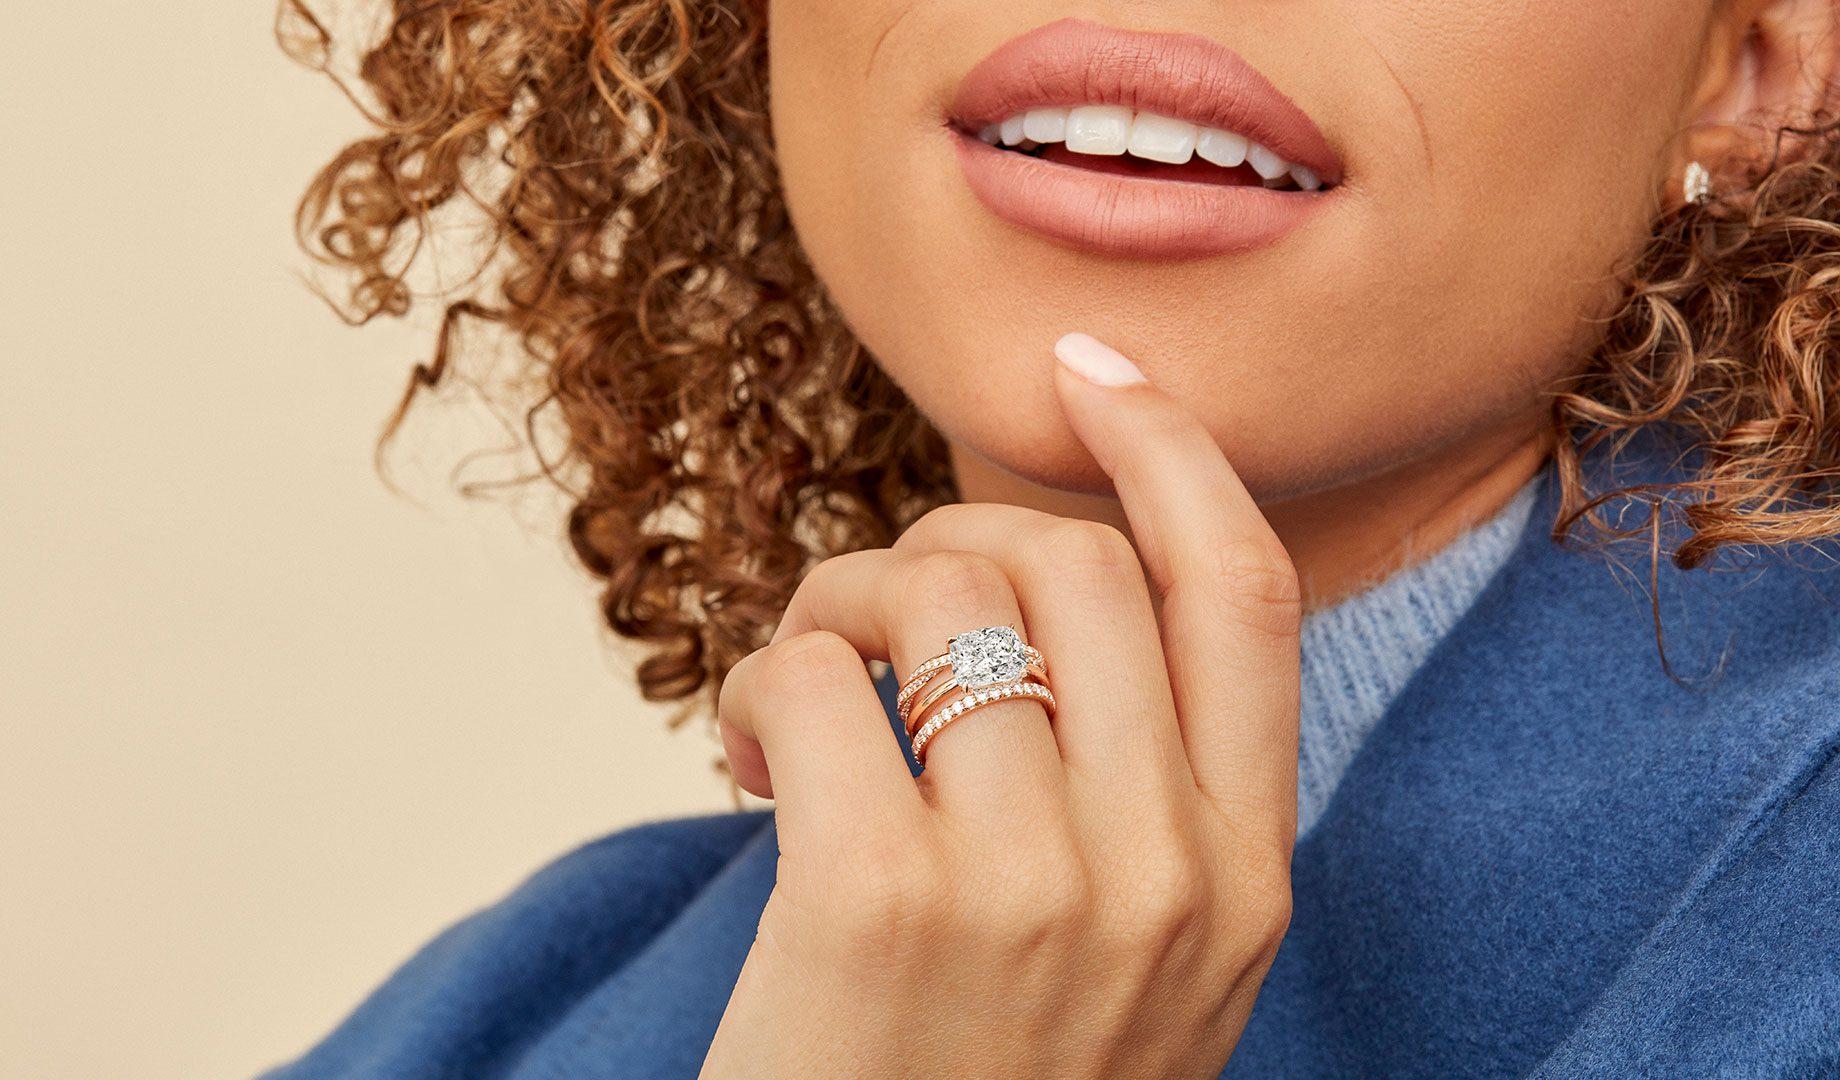 Oui Cushion Cut Engagement Ring on hand lifestyle image